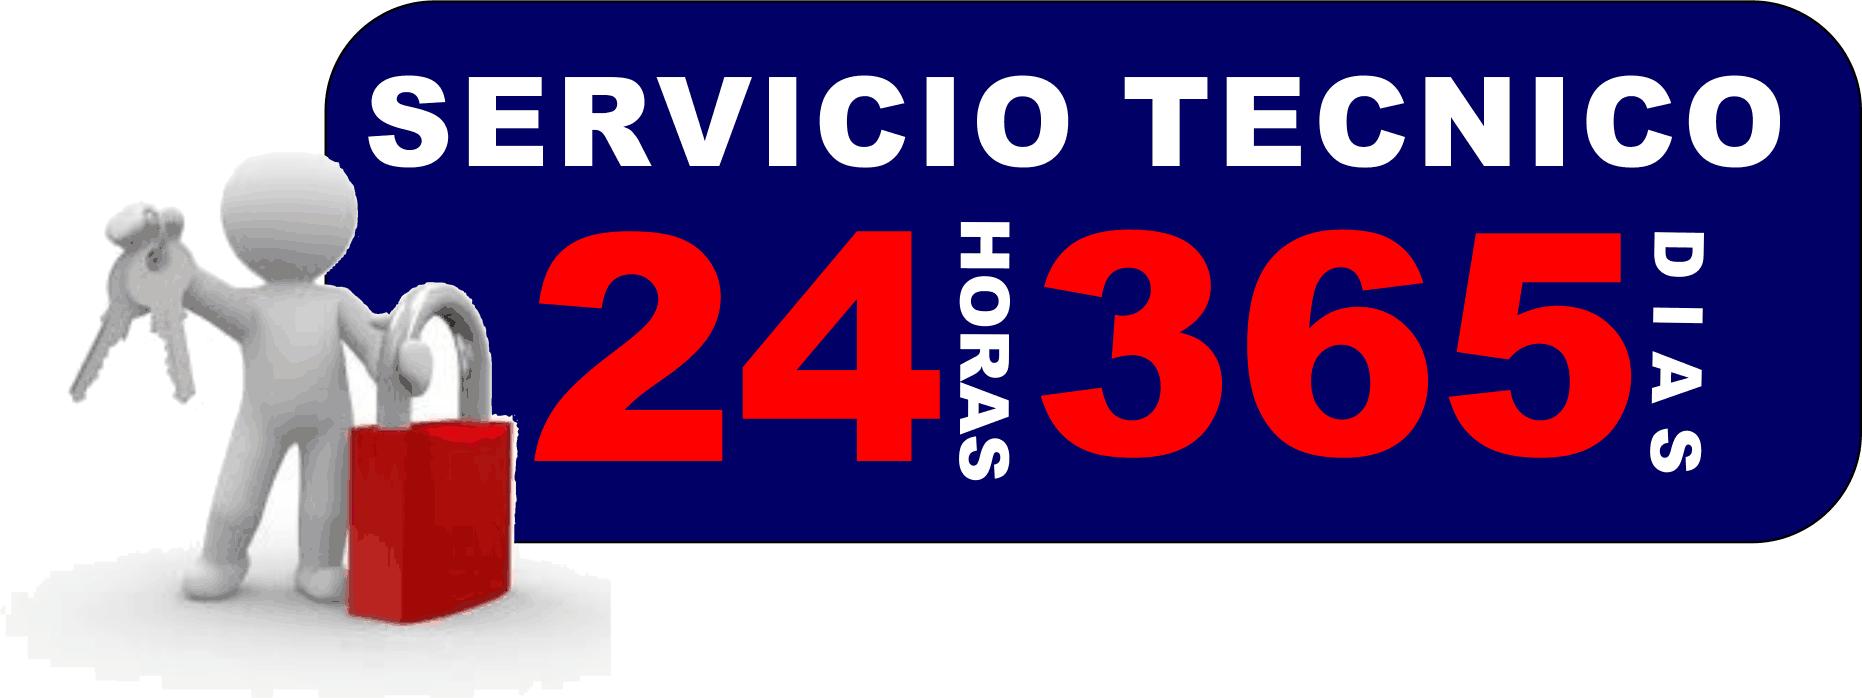 Cerrajeros 24 horas en San Pedro de Alcántara